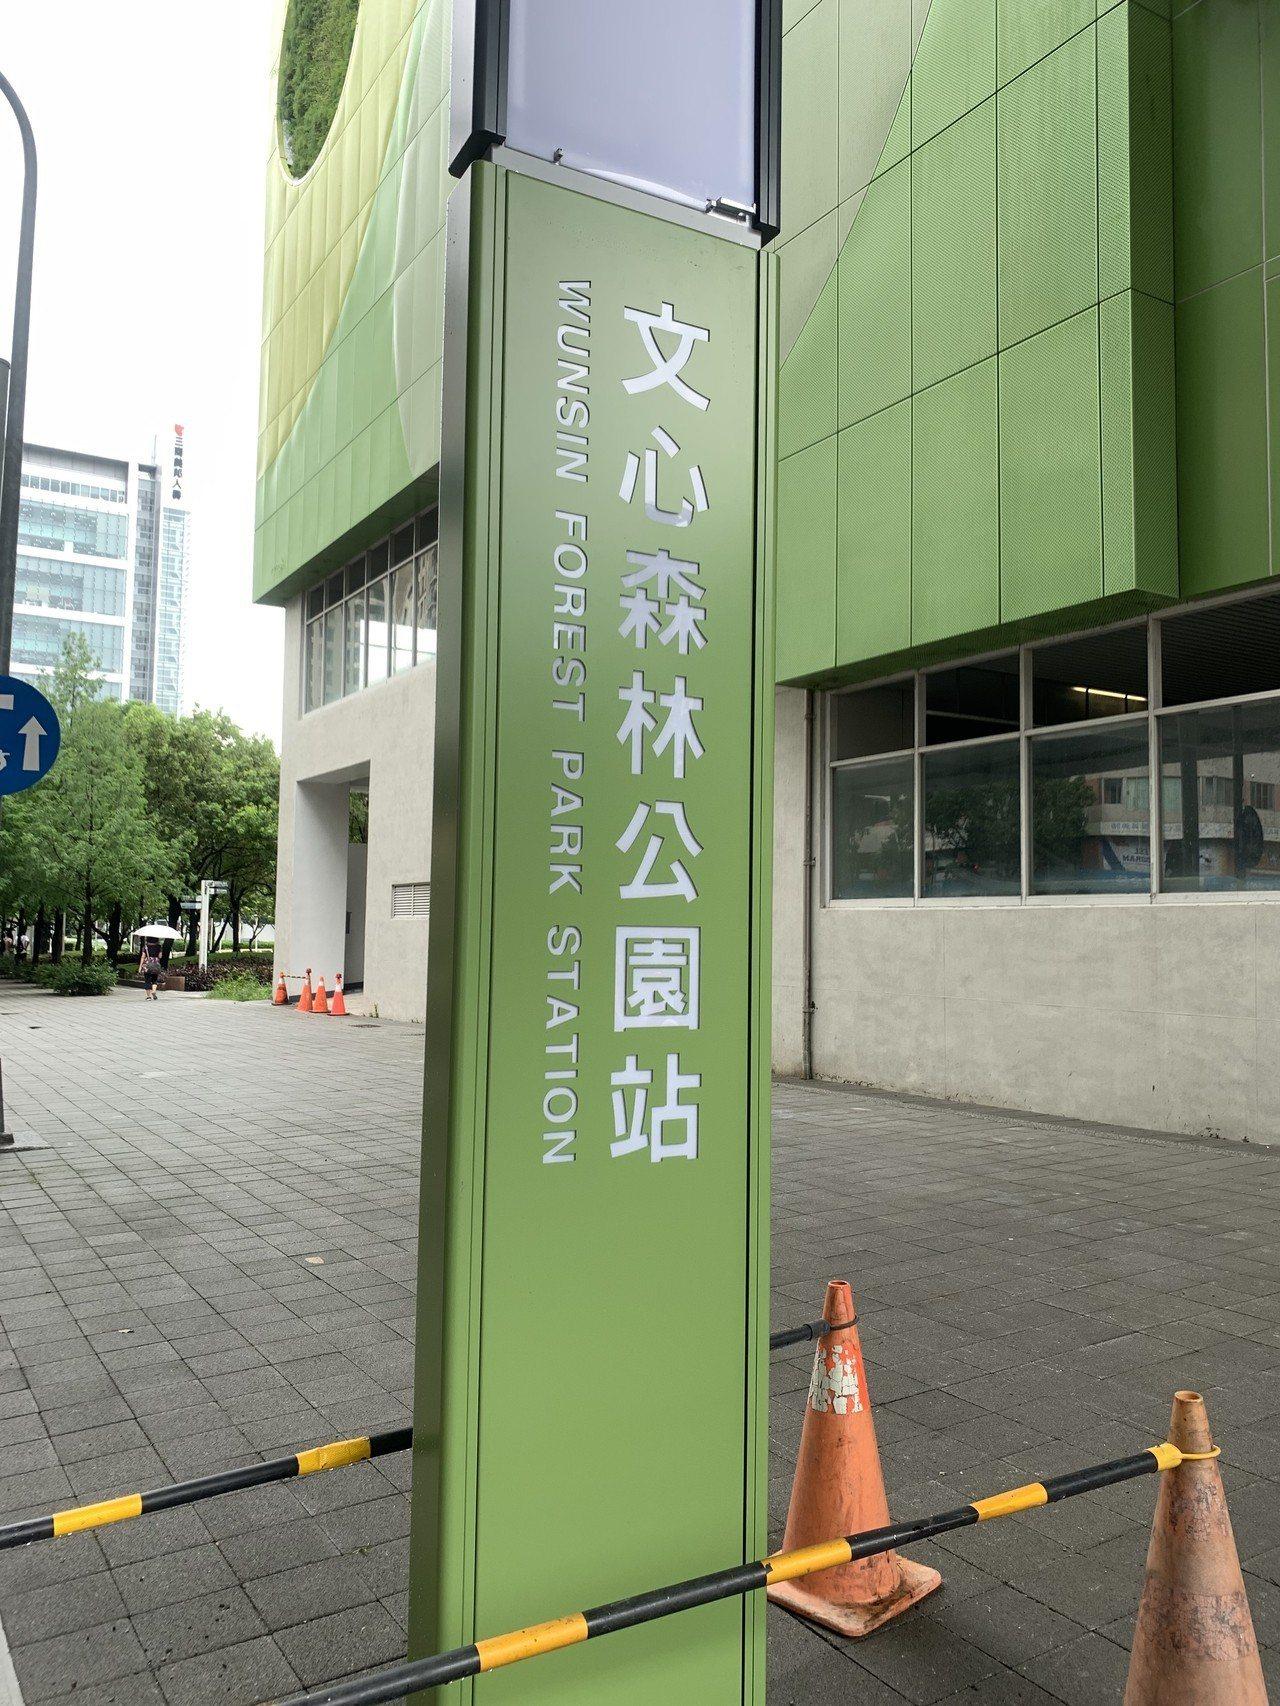 台中市的道路名稱都以「漢語拼音」,文心森林公園官網是「Wen-Hsin Fore...